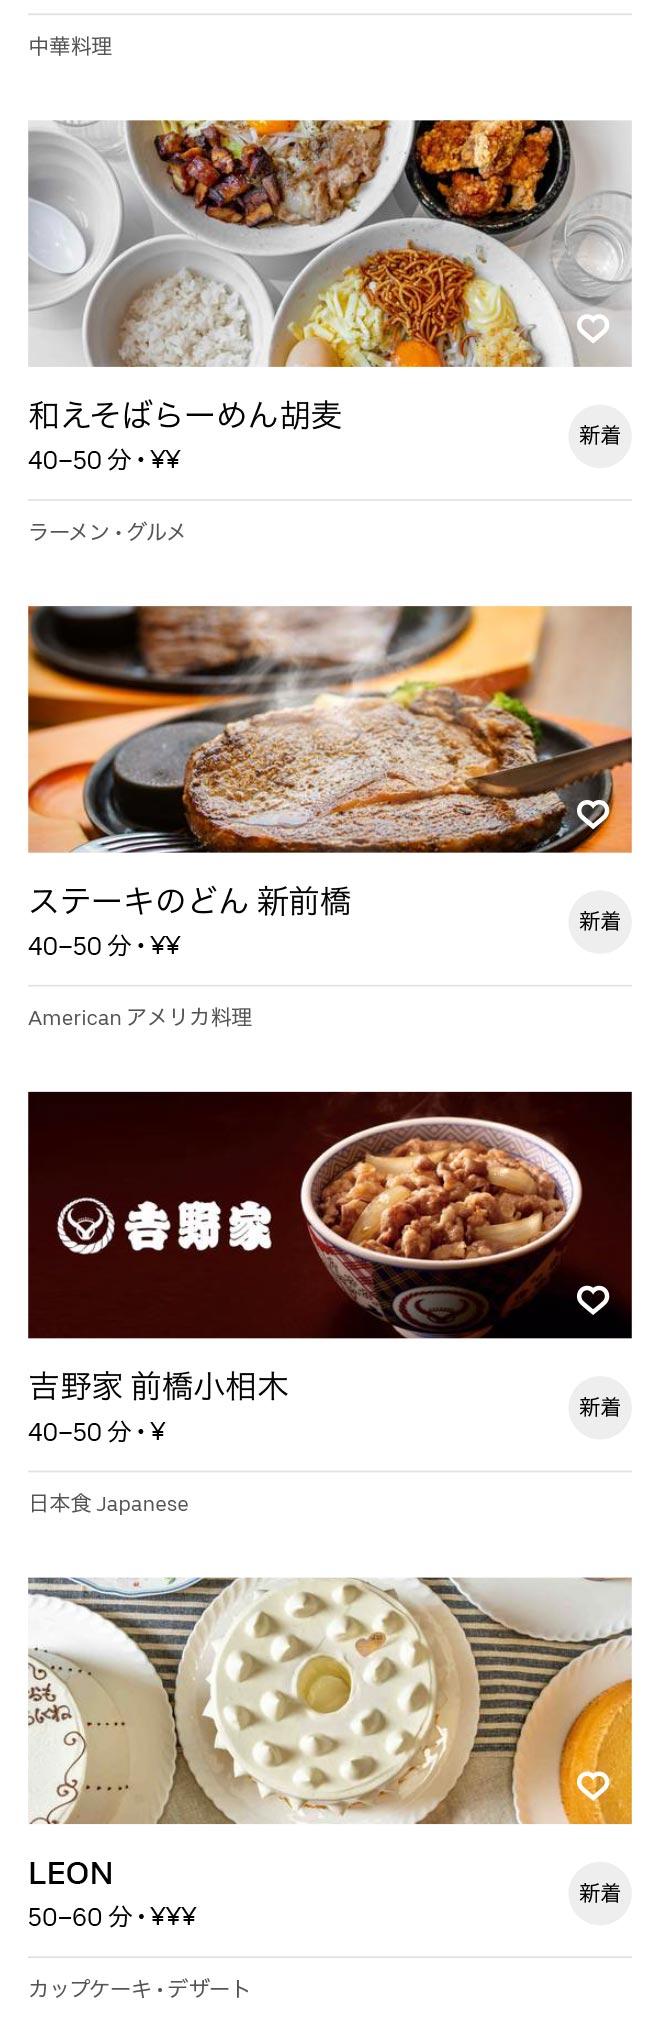 Shin maebashi menu 2009 2